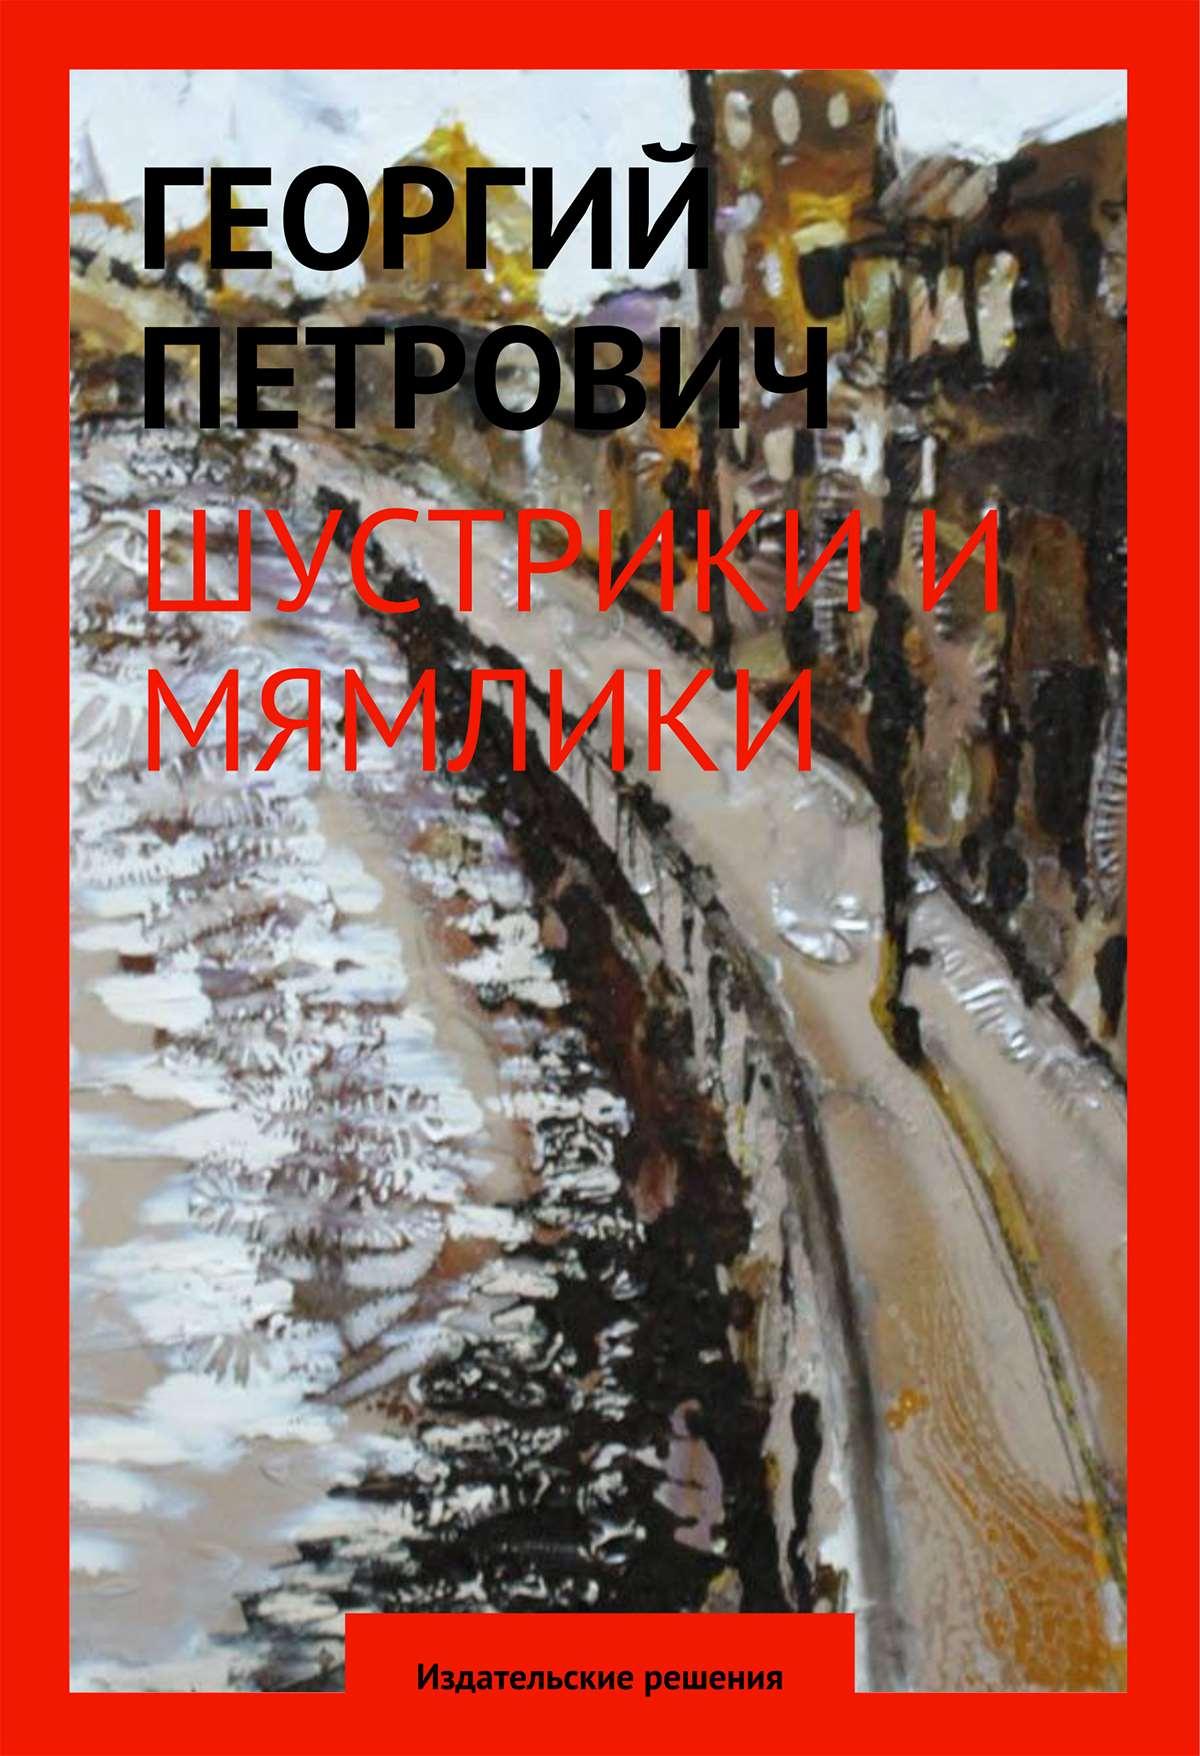 Георгий Петрович Шустрики имямлики